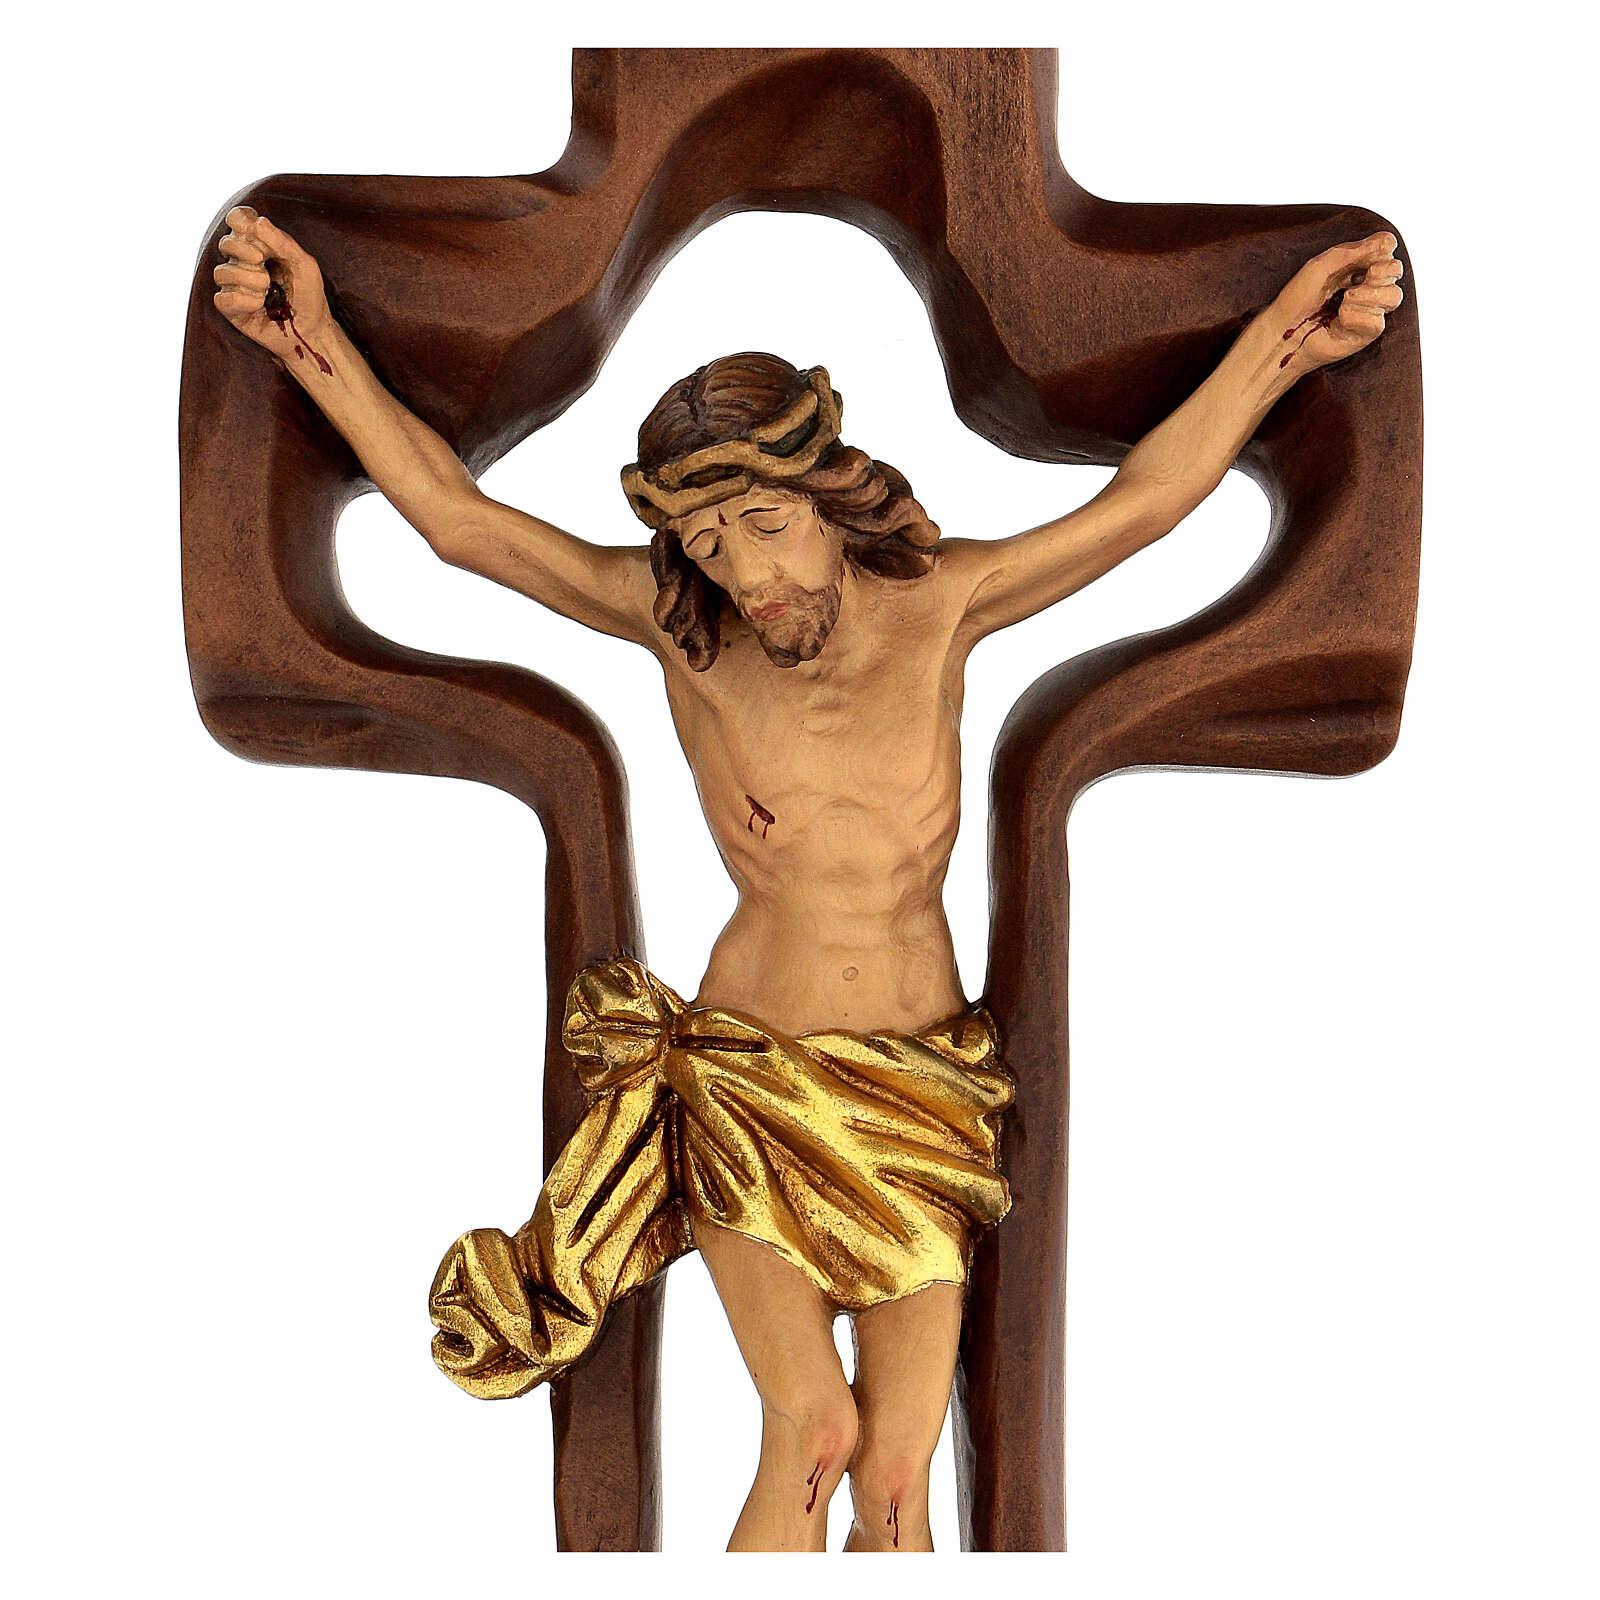 STOCK Crocifisso legno levigato croce cava 46 cm 4